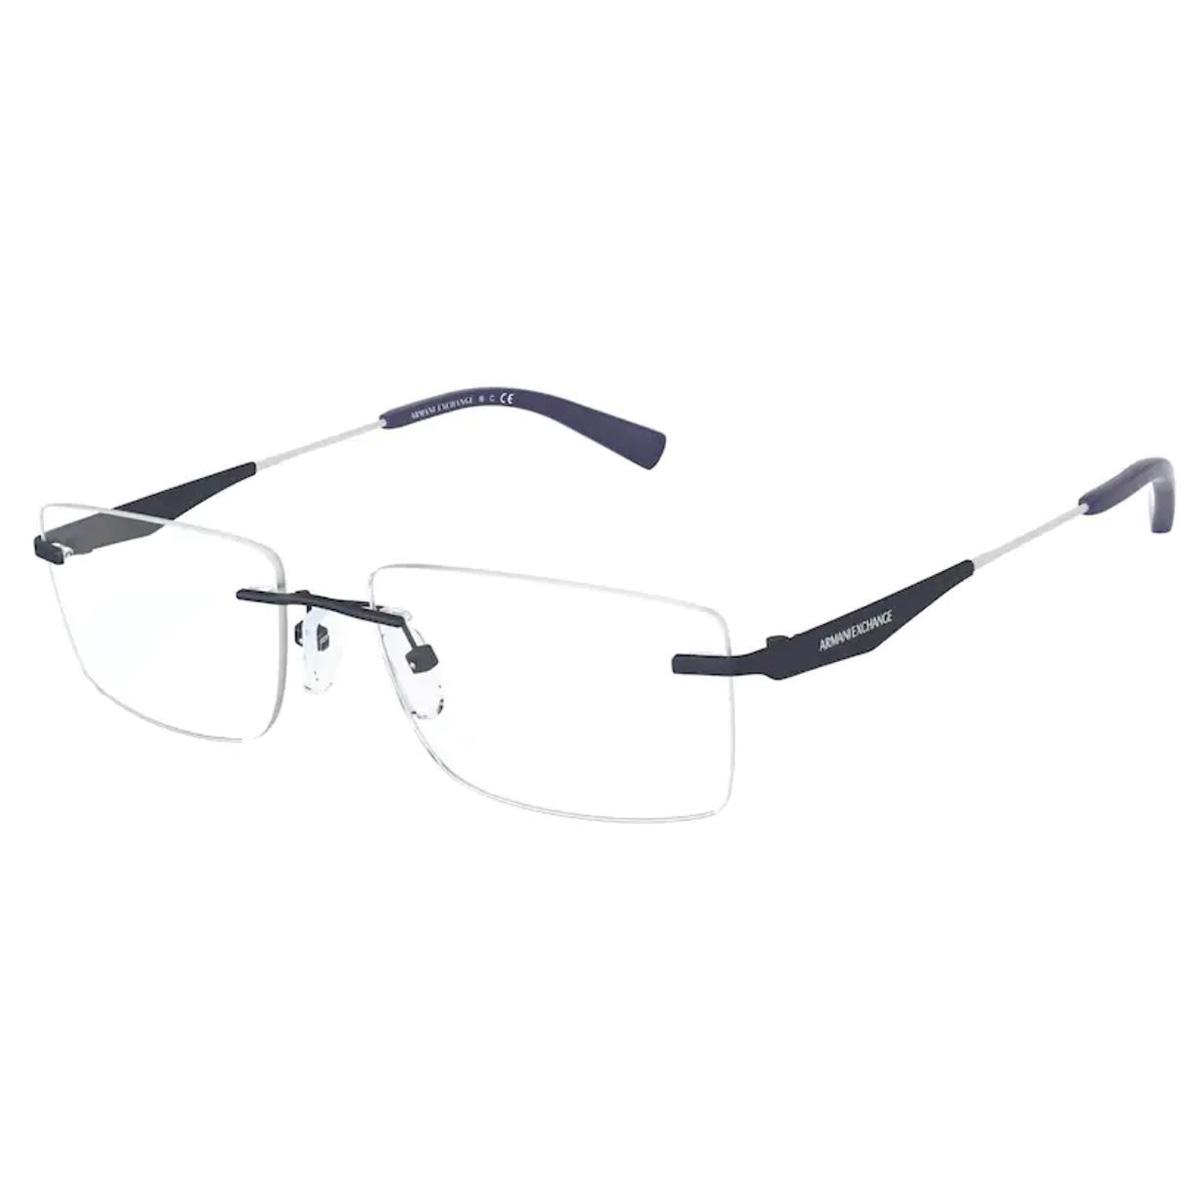 Óculos de Grau Parafusado Armani Exchange AX1039 Metal Azul Fosco